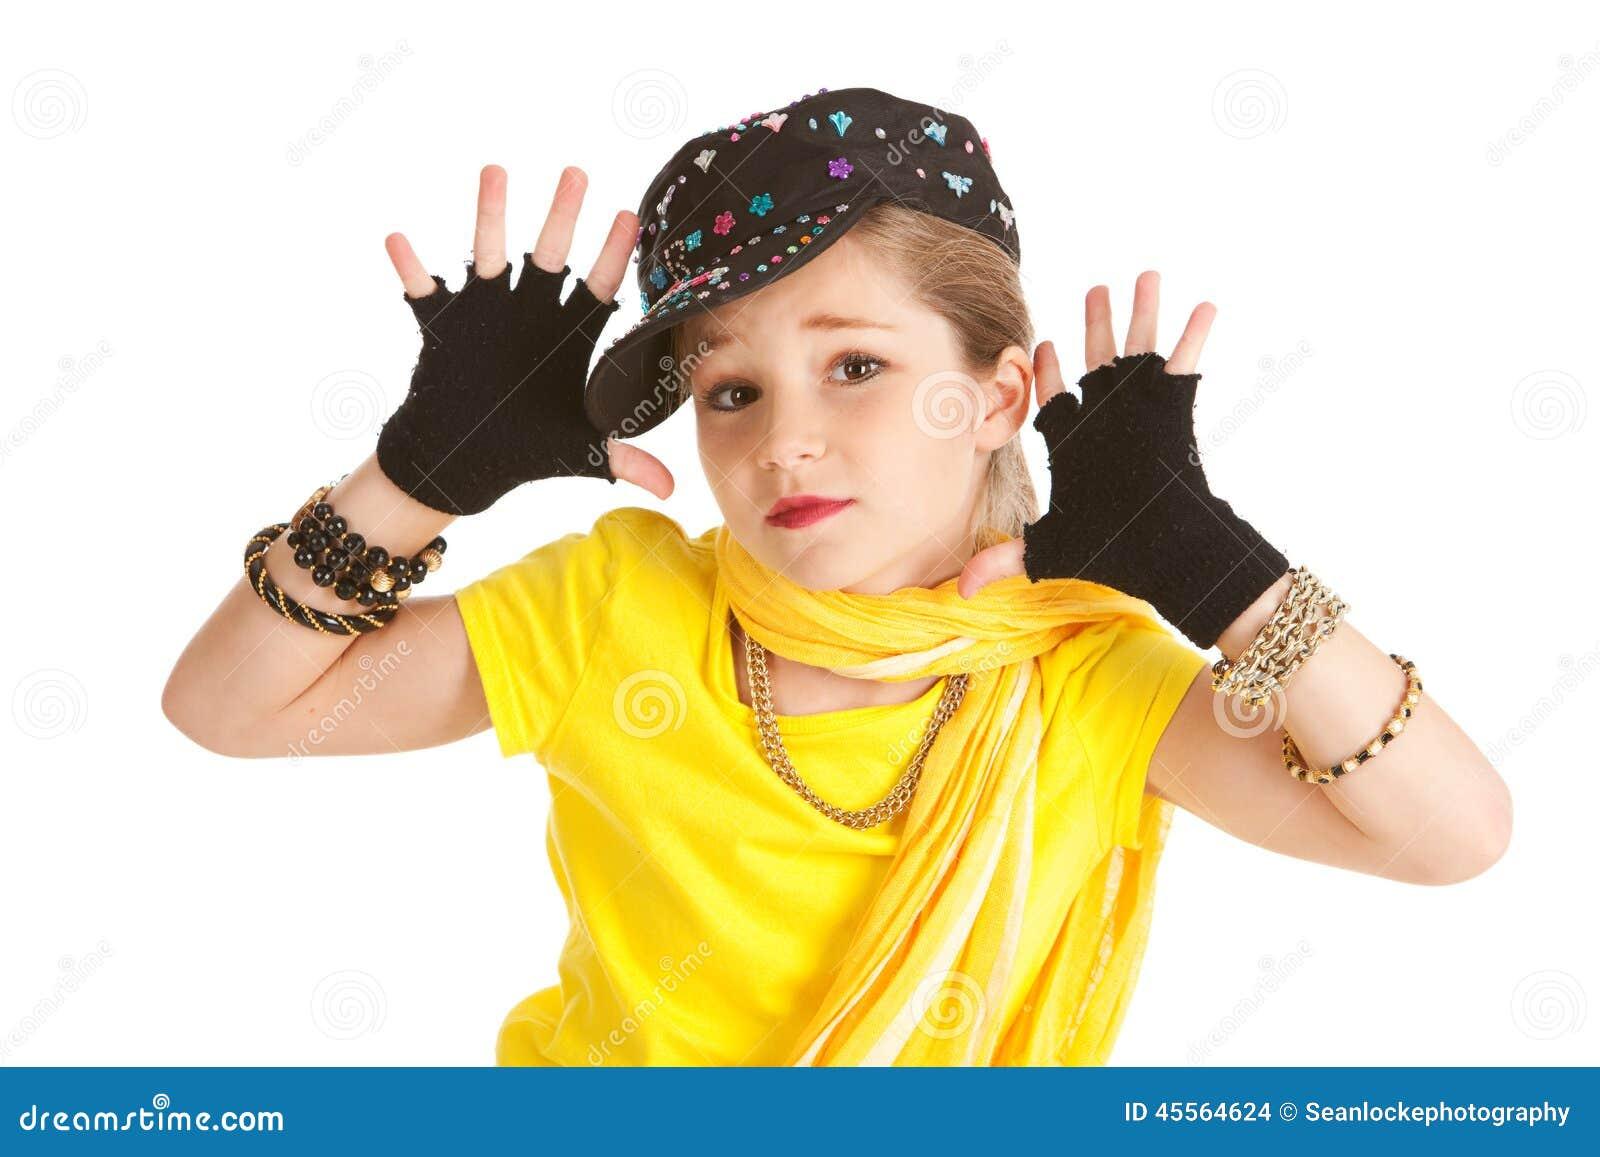 Tänzer: Hip Hop-Tänzer Makes Jazz Hands